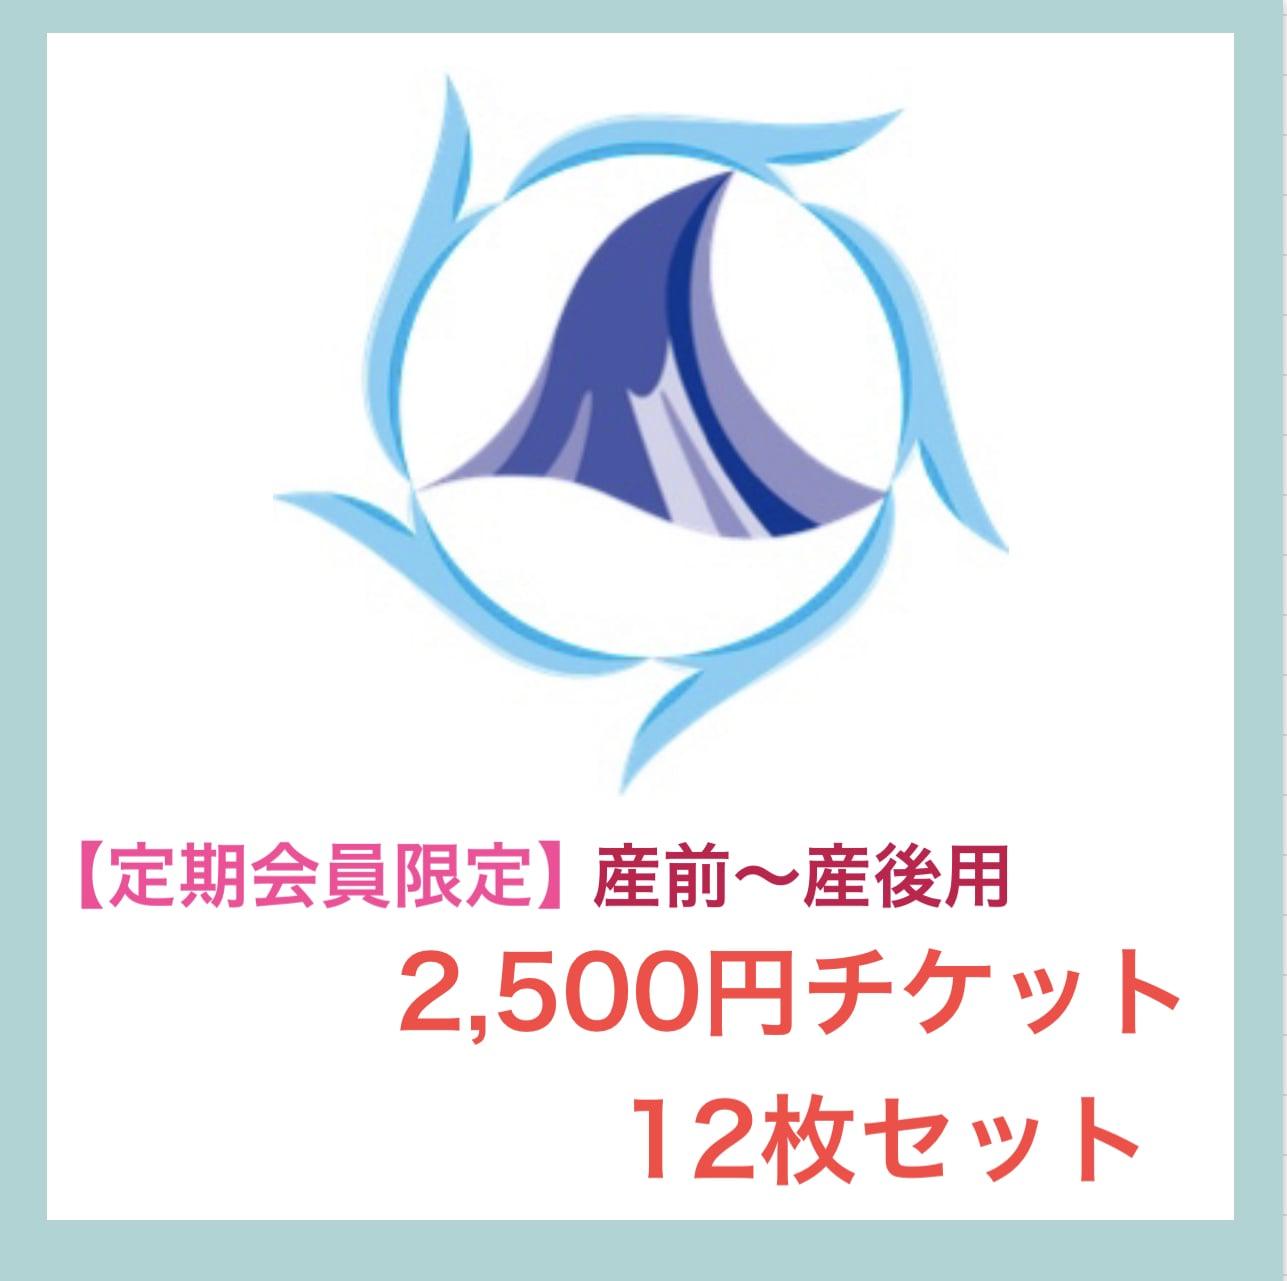 パリナーマ茅ヶ崎【会員限定】産前産後 ¥2,500チケット 12枚セットのイメージその1